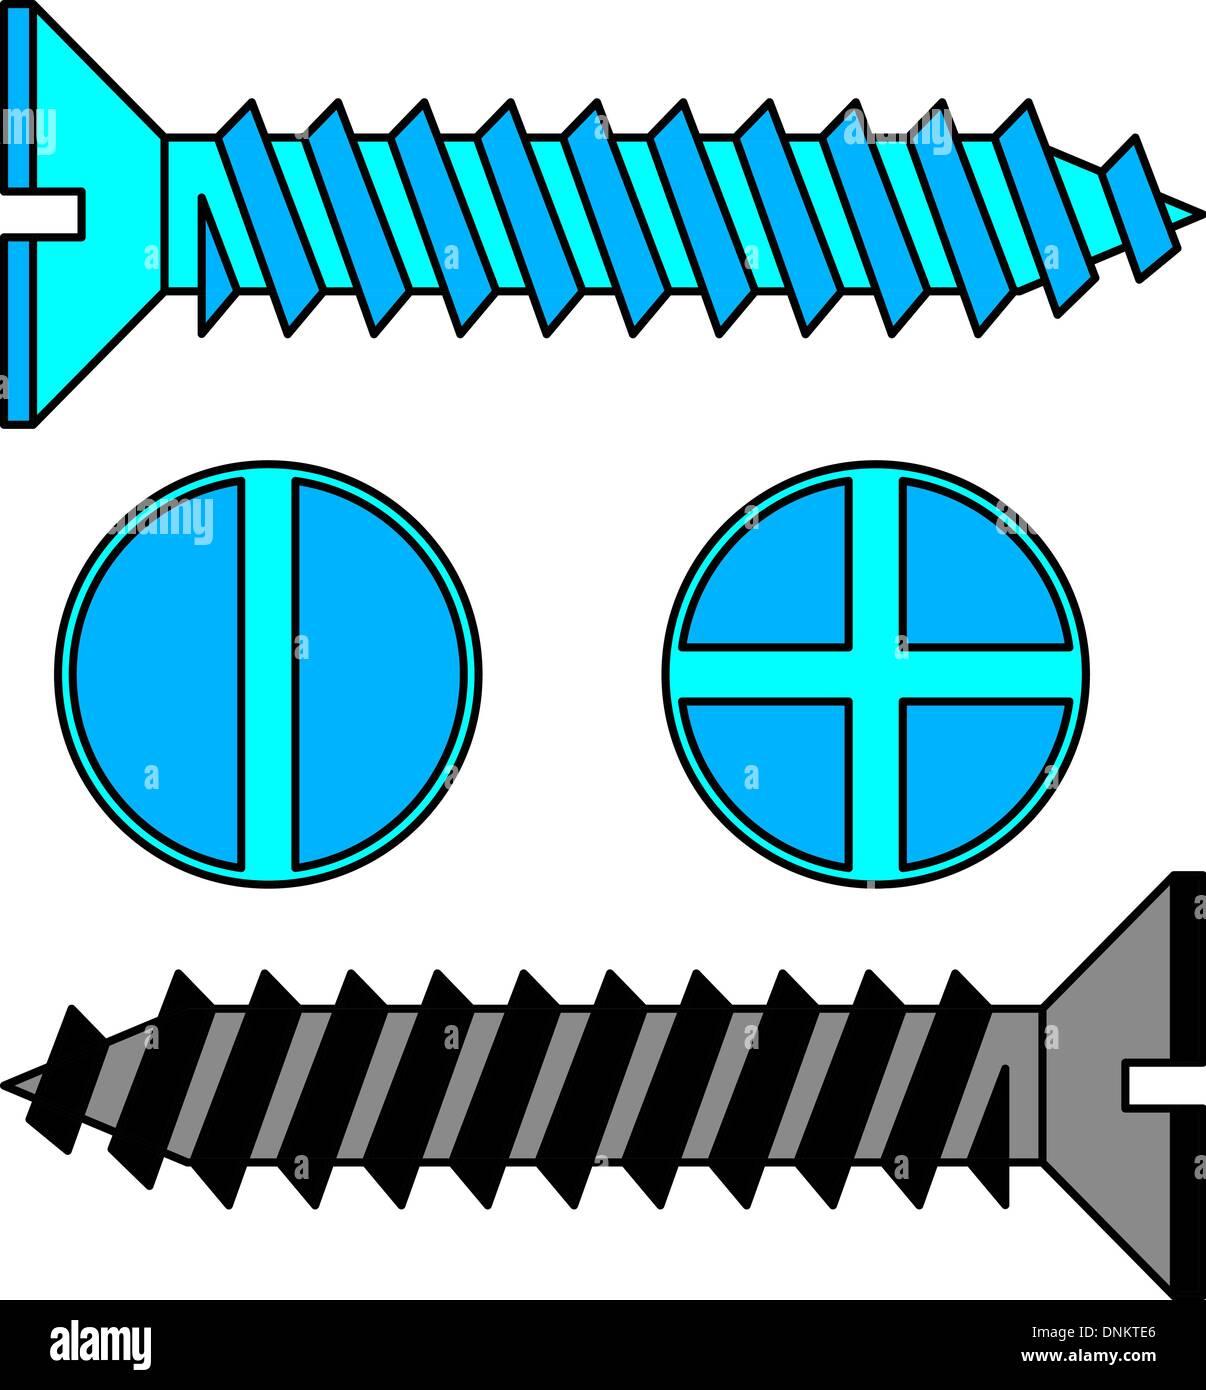 Tornillo de acero inoxidable. Ilustración vectorial. Imagen De Stock